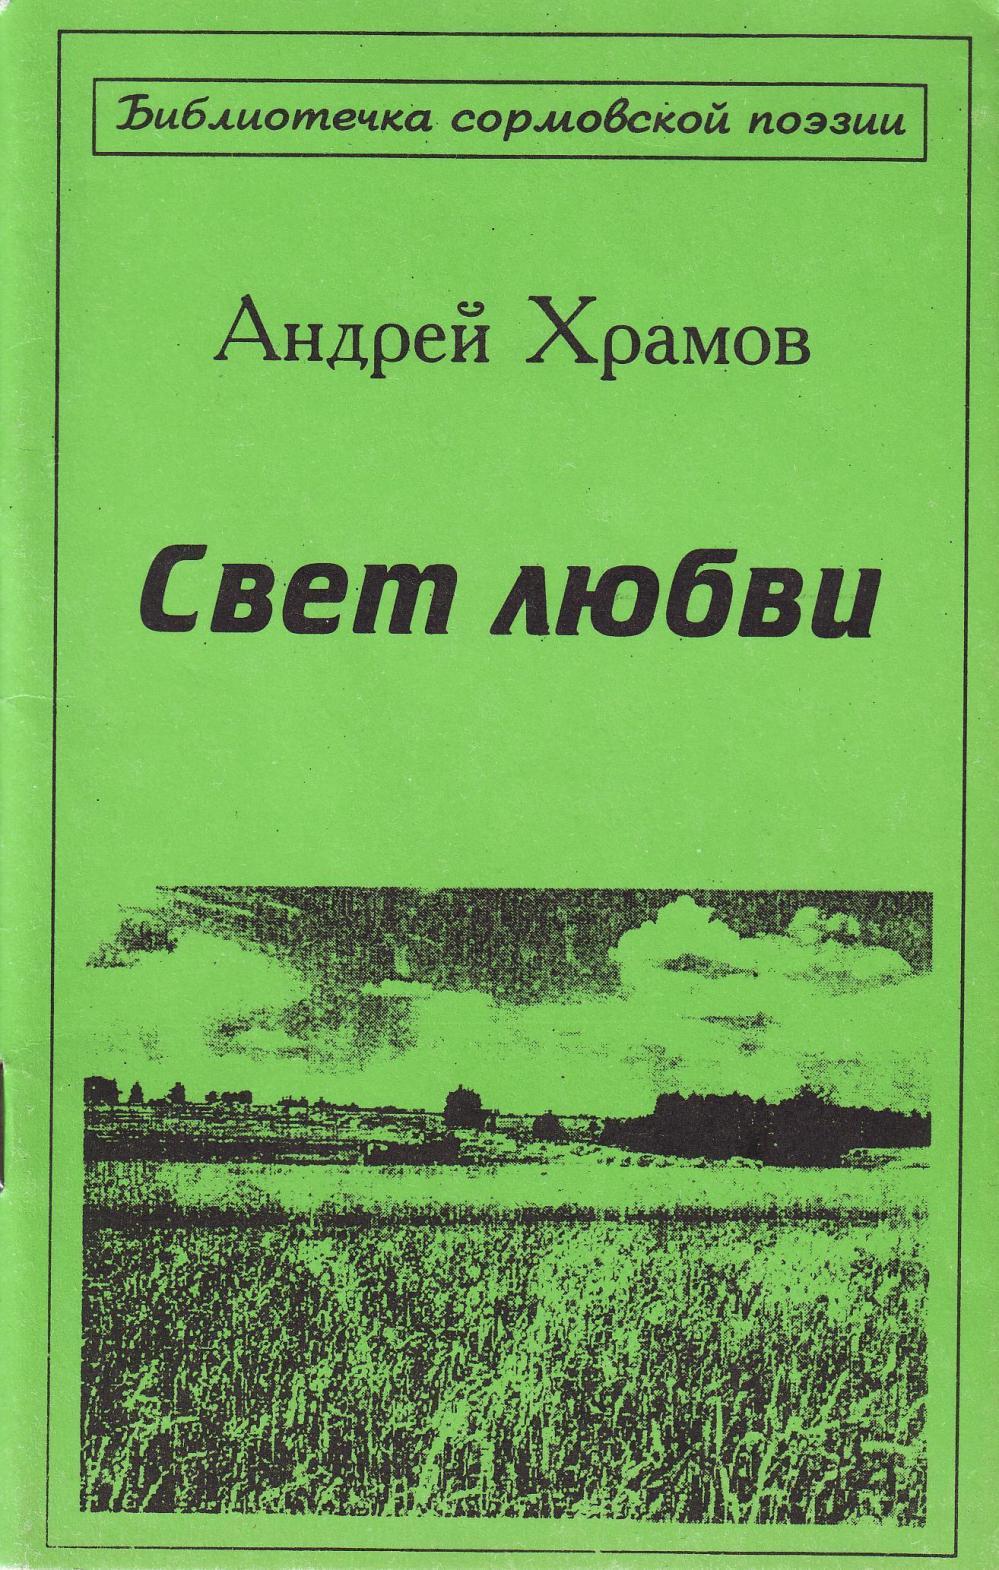 обложка02